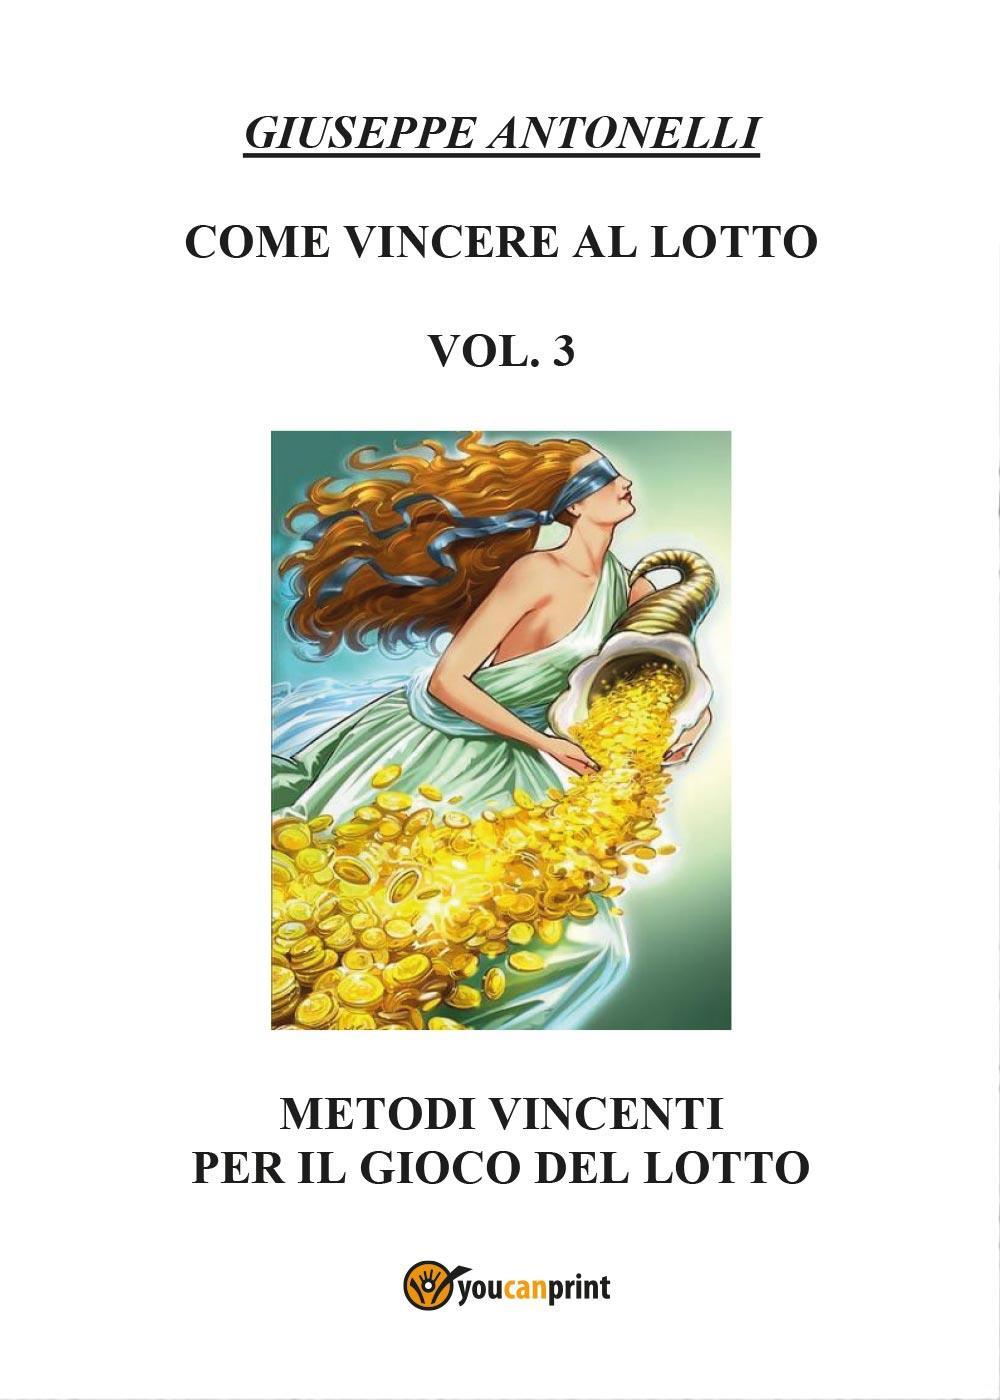 Come Vincere al Lotto Vol. 3